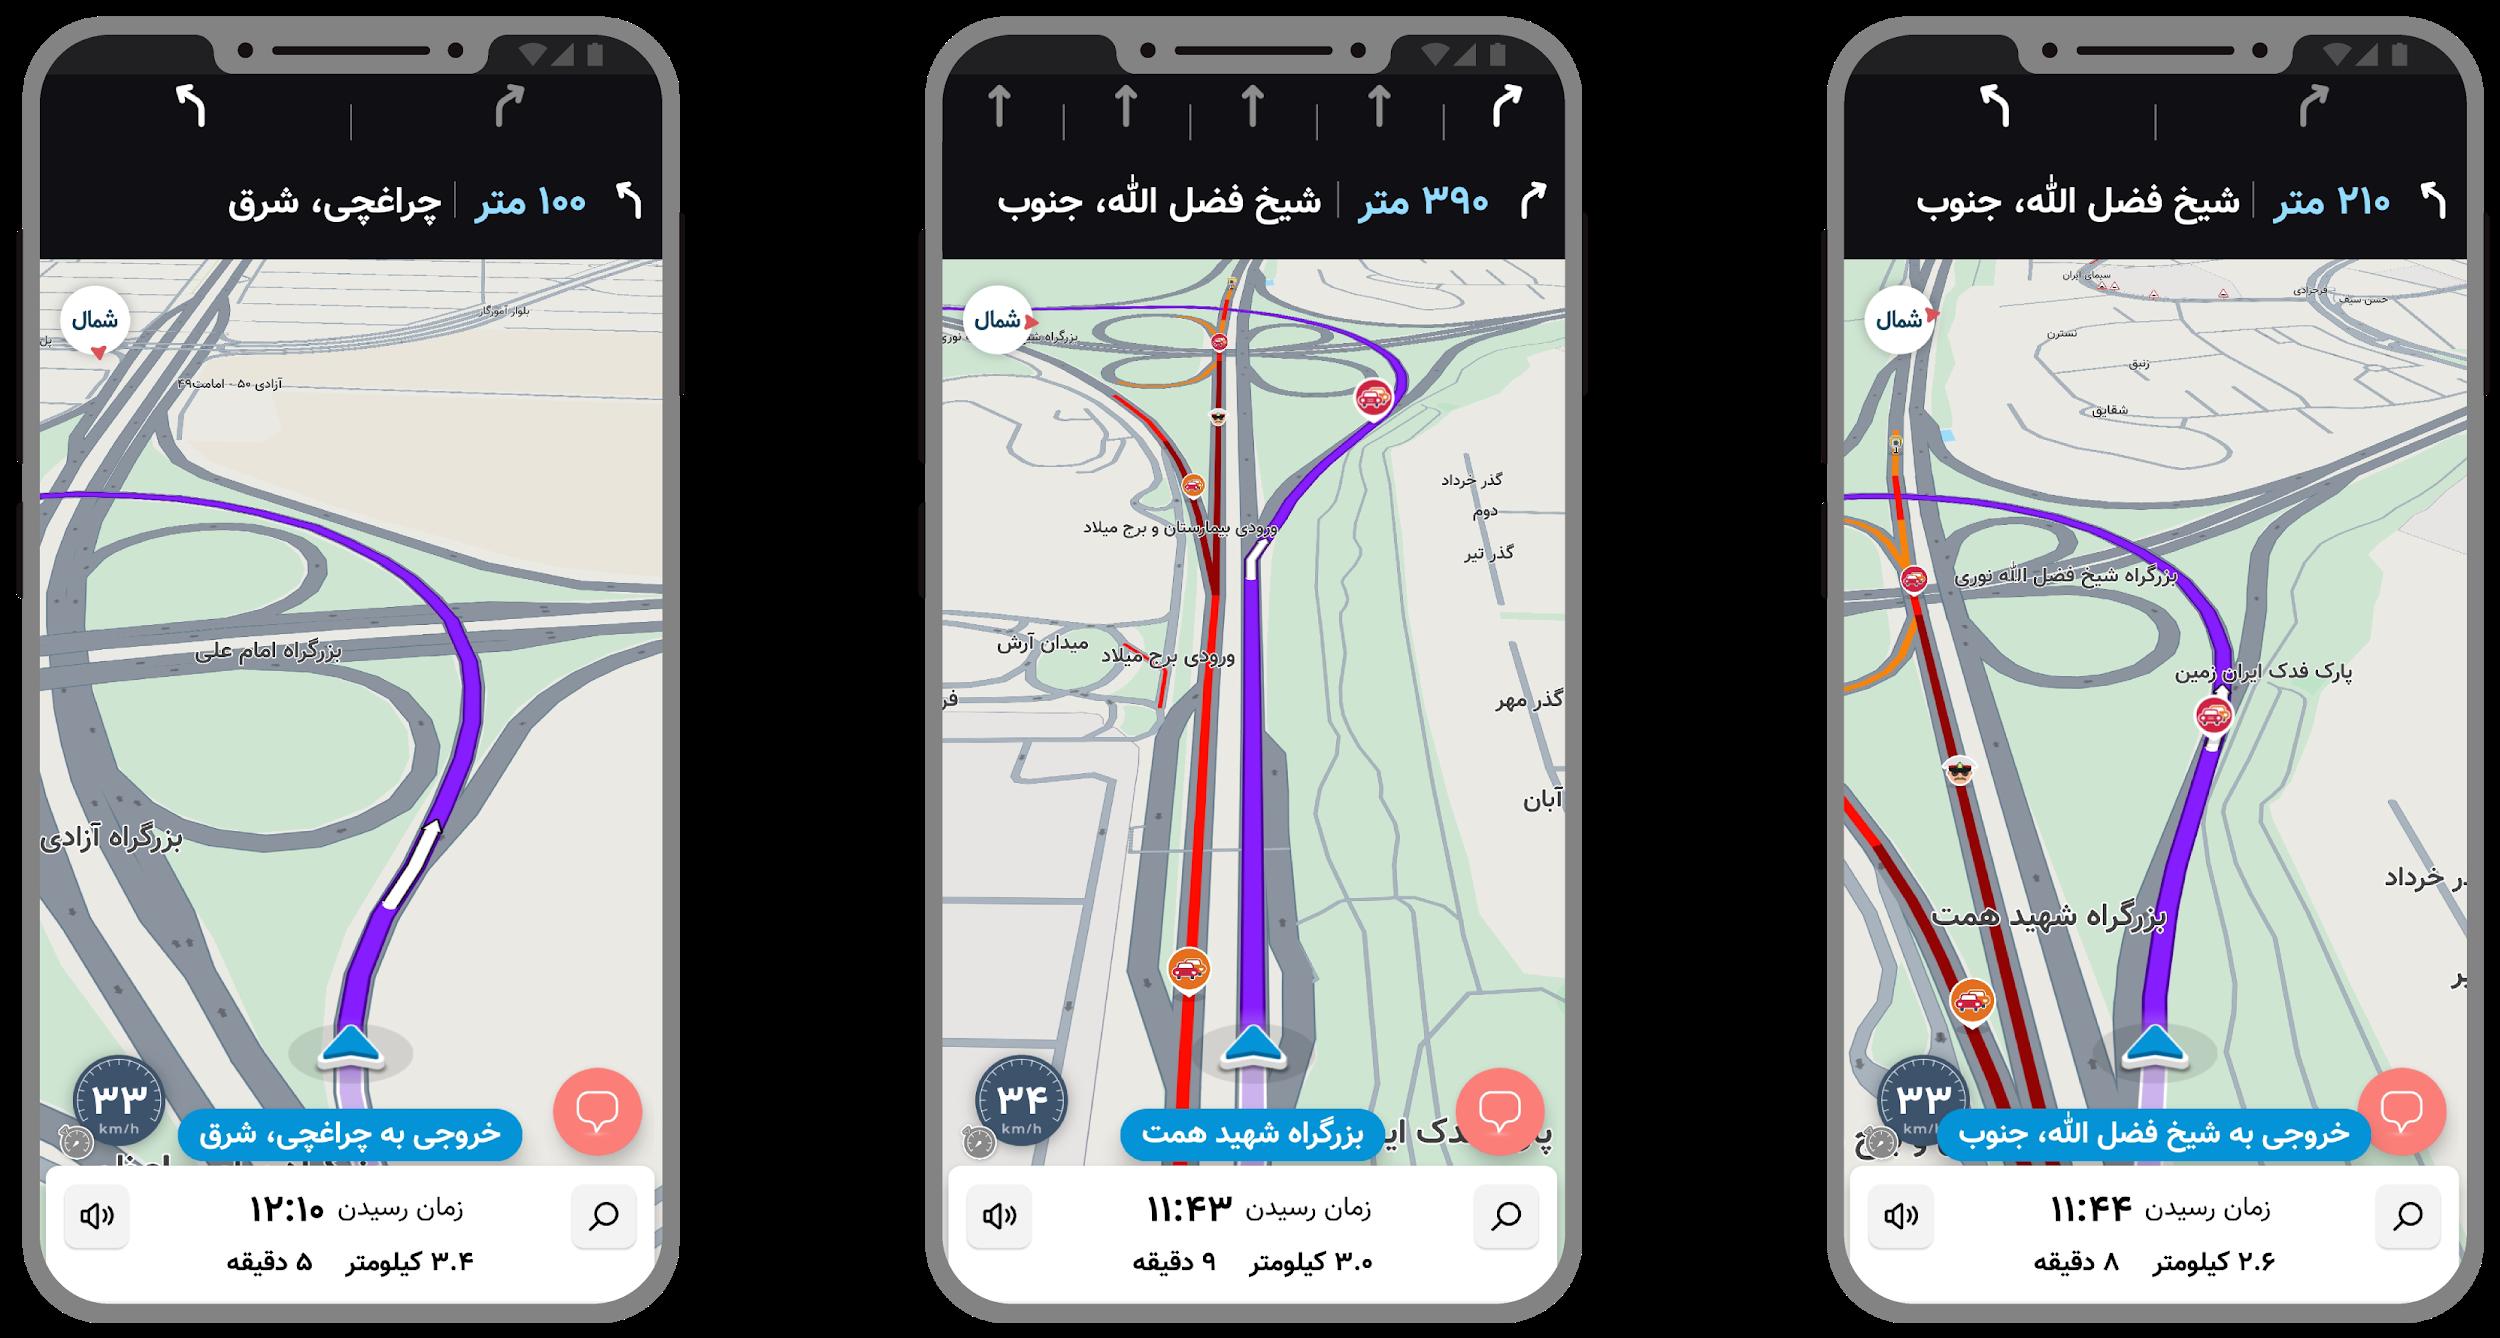 مسیریابی سادهتر: راهنمای خروجیها به نشان اضافه شد